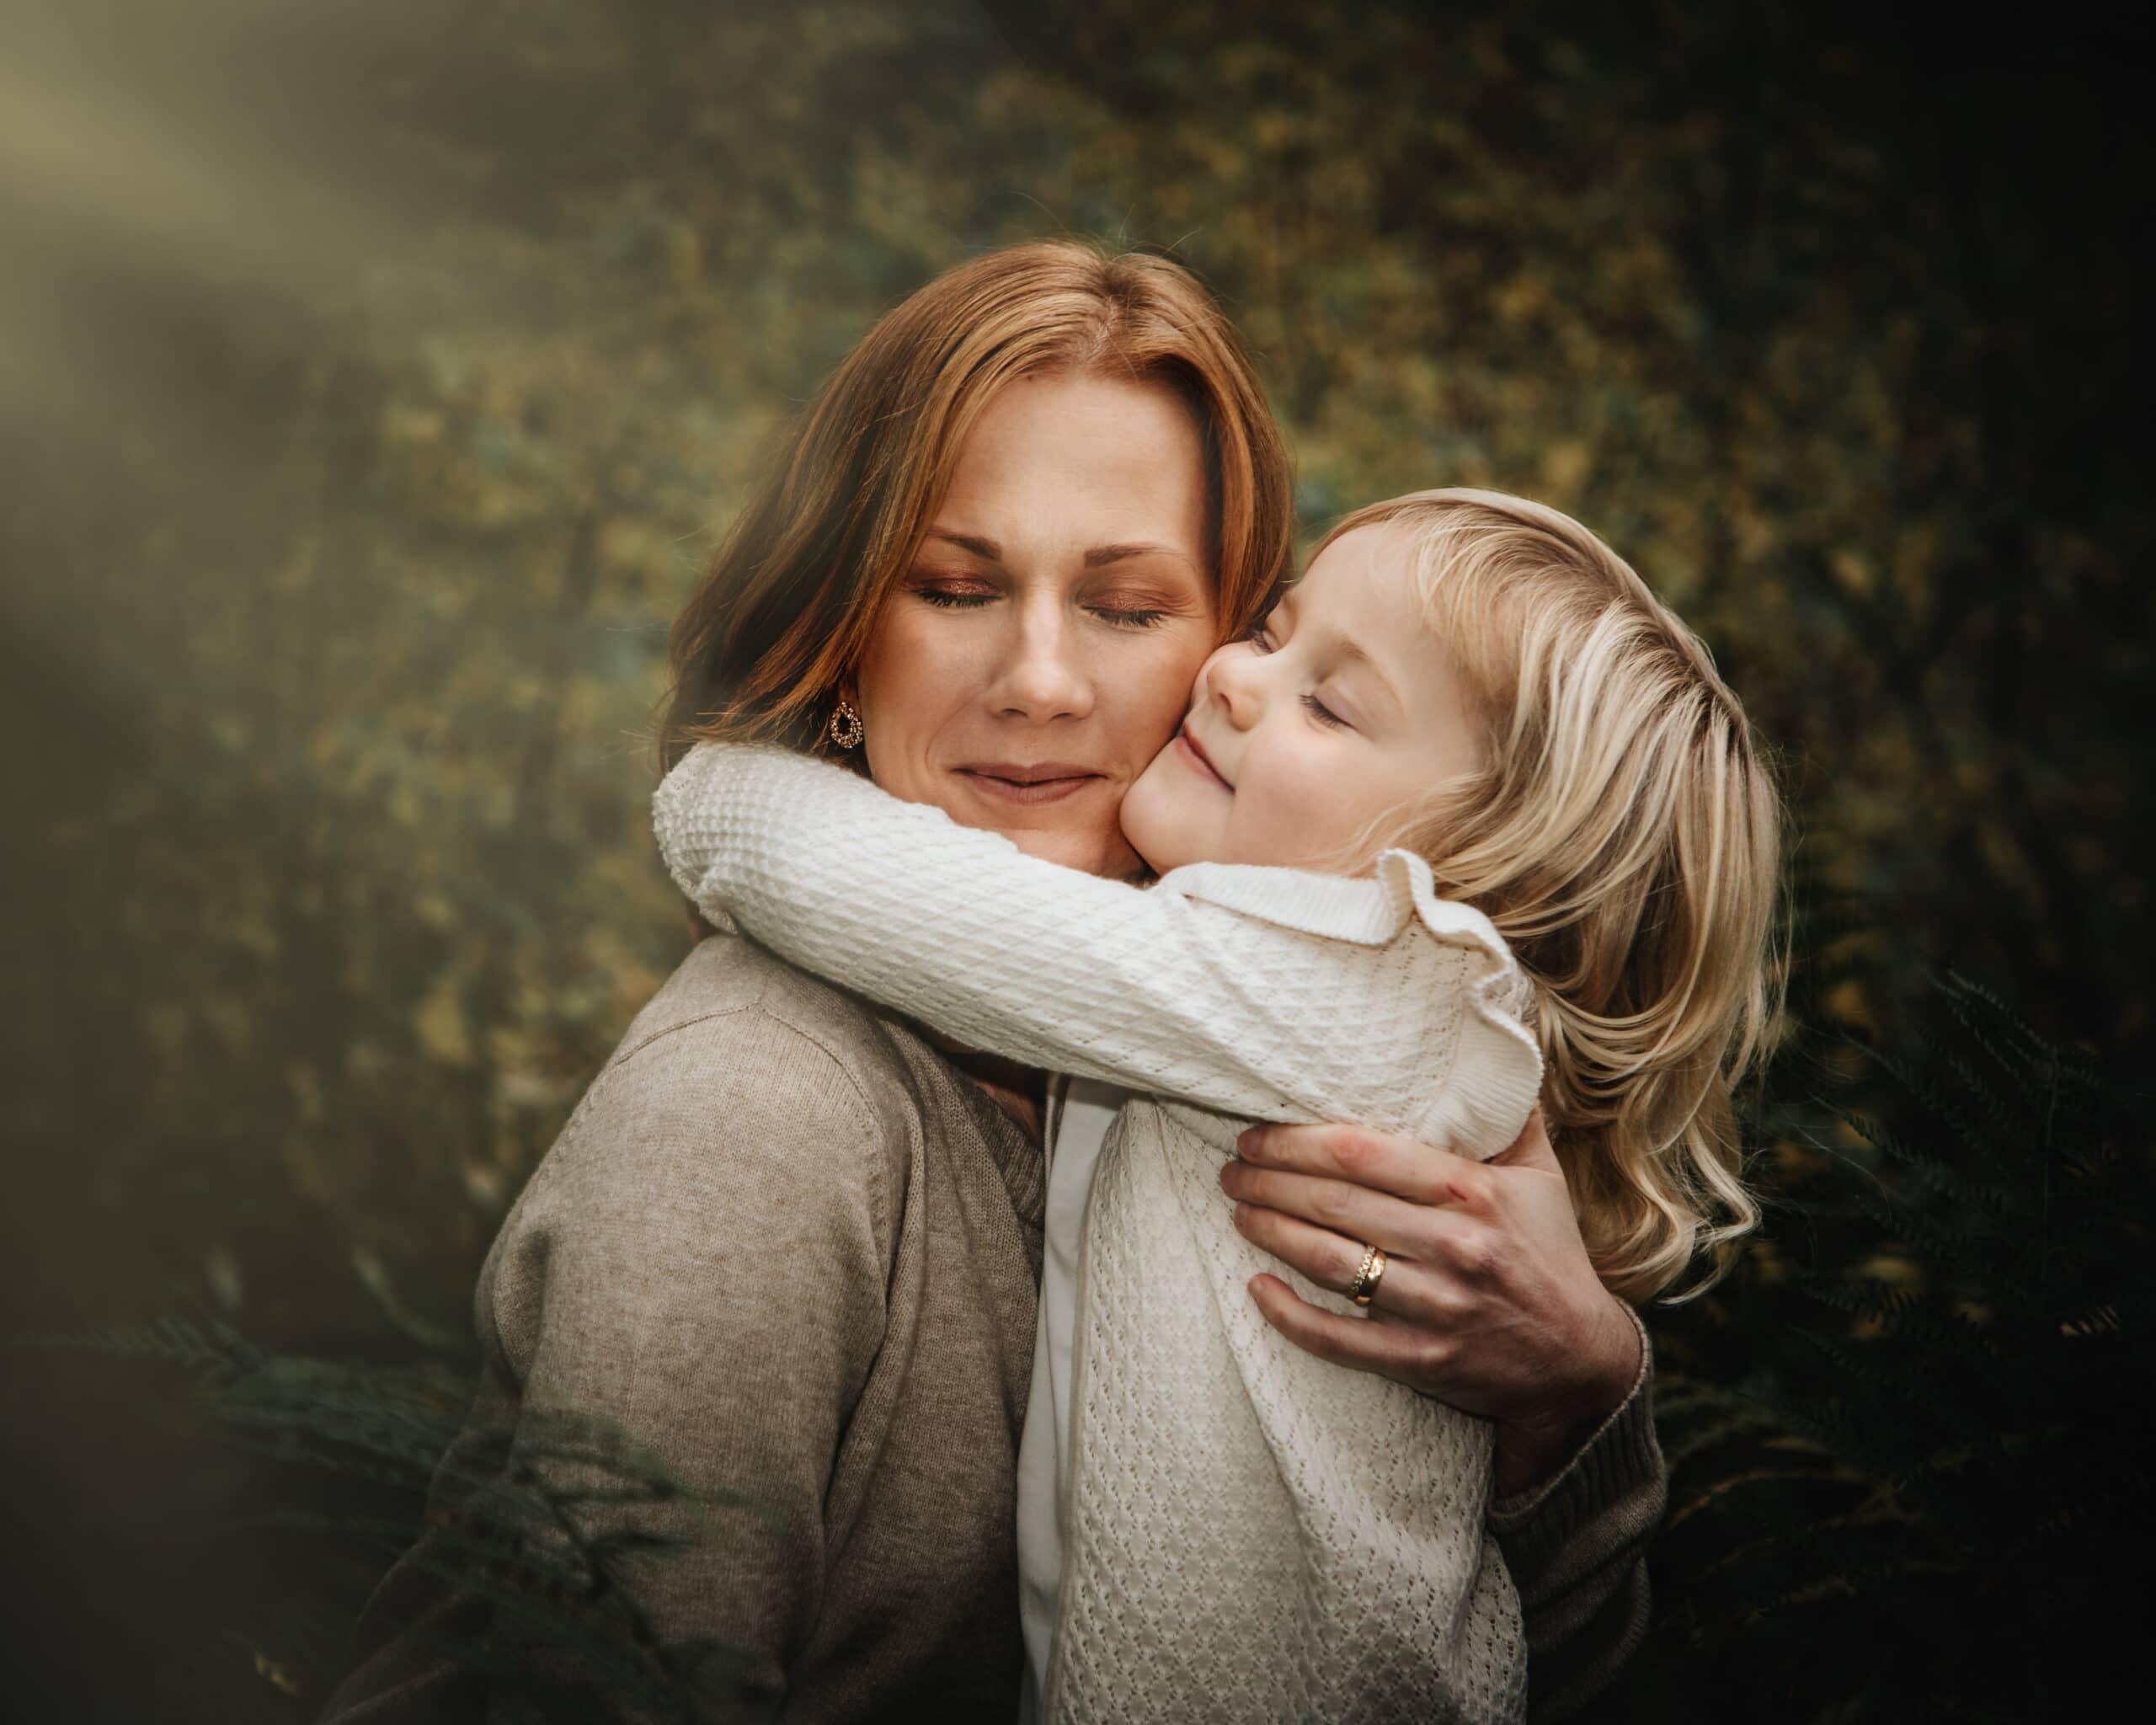 Mor och dotter blundar och kramas i skogen-Redigeringsbild